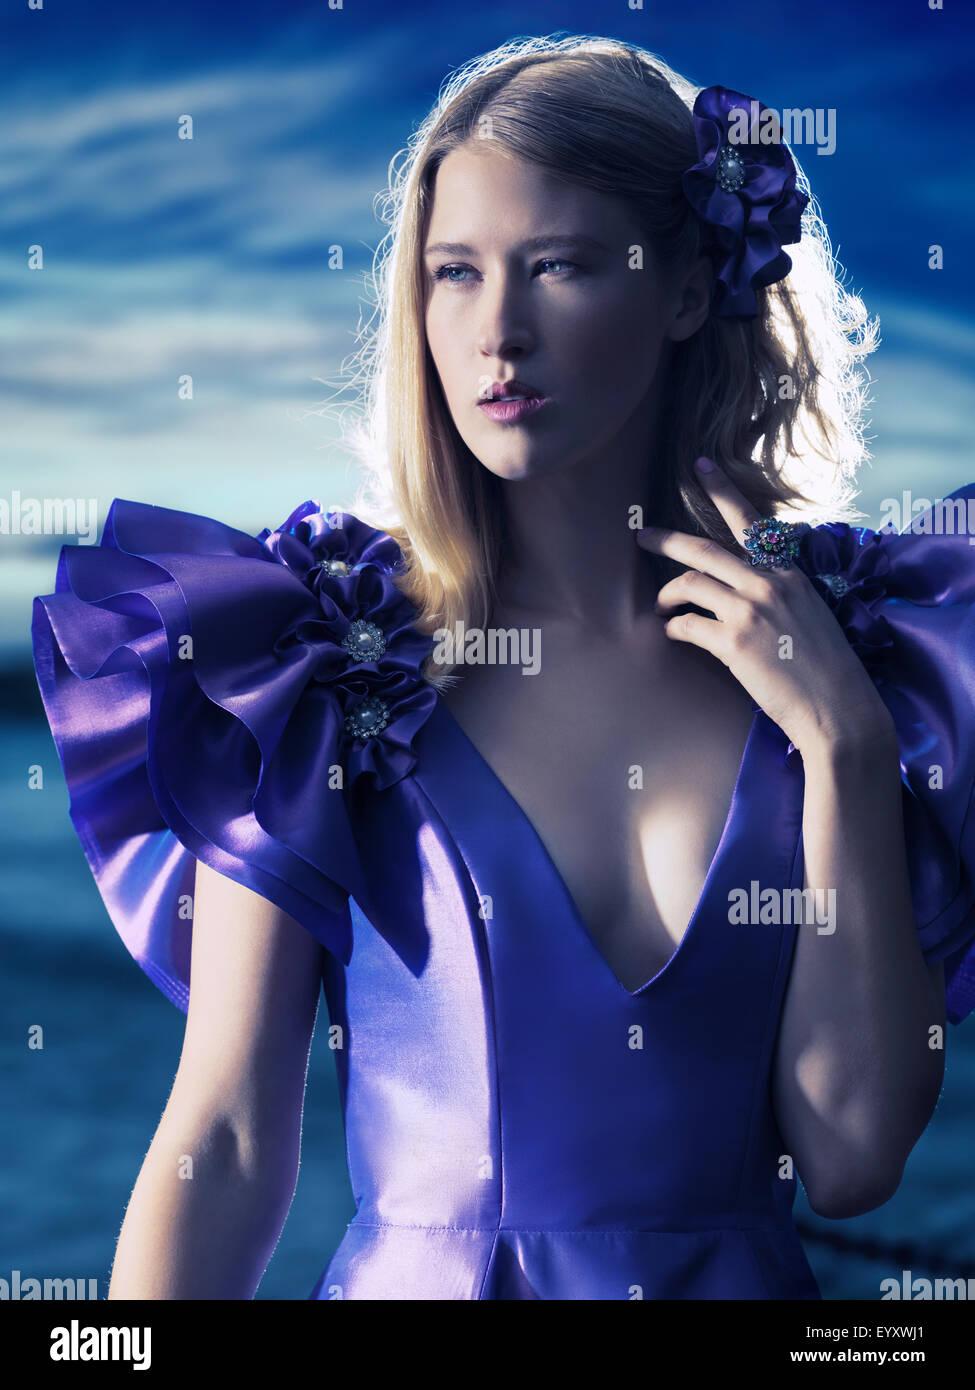 Bellezza ritratto di una giovane bella donna bionda che indossa un blu abito da sera all'aperto Foto Stock